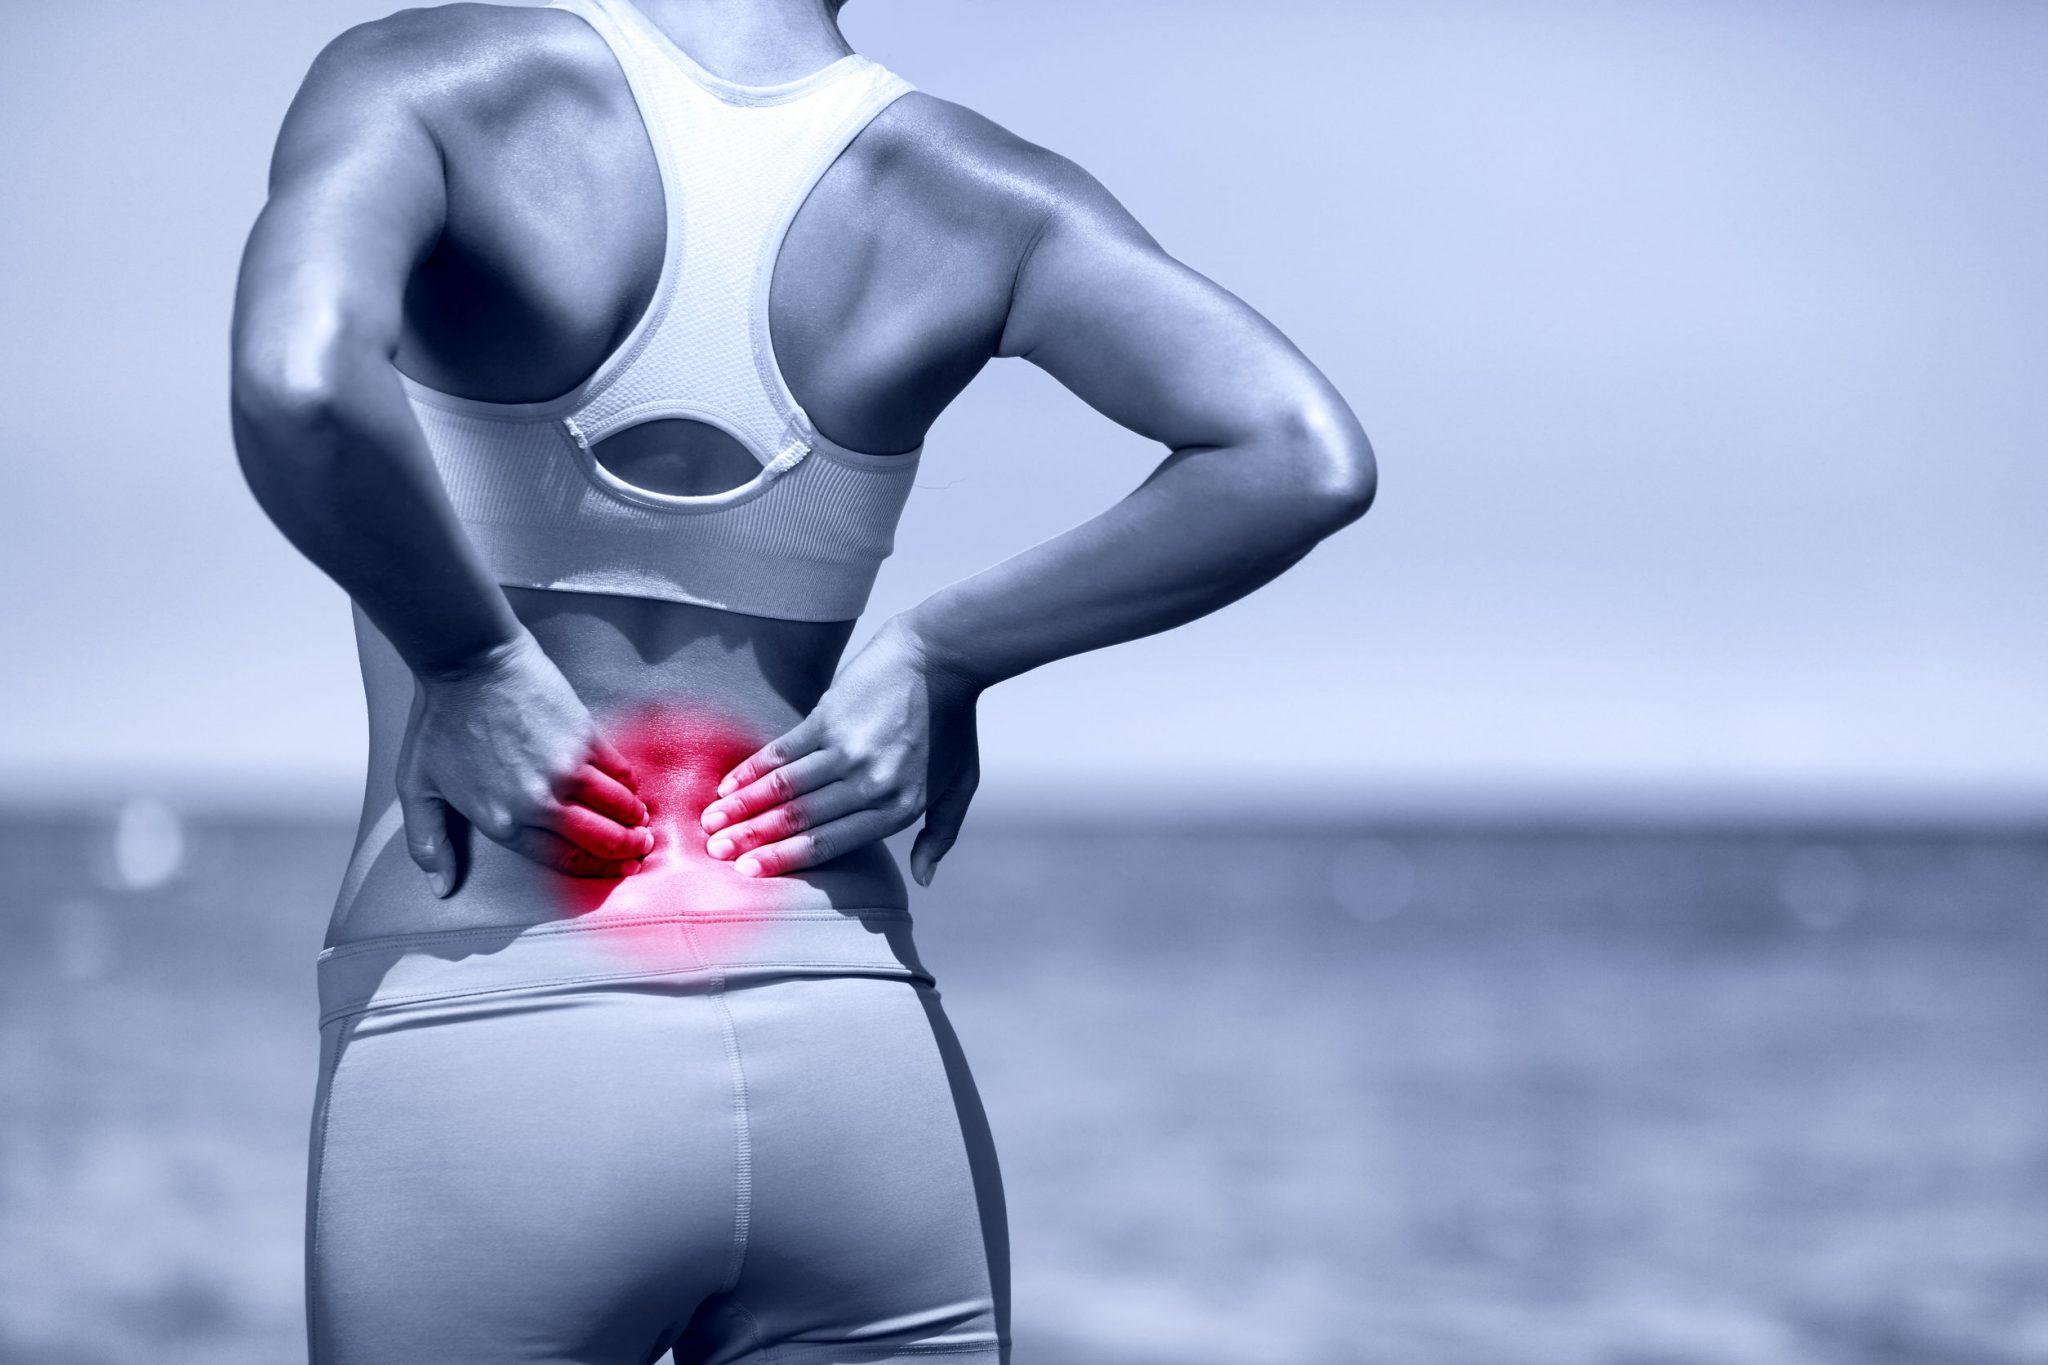 Importancia del core y beneficios para el dolor lumbar - ALTAFIT GYM ...